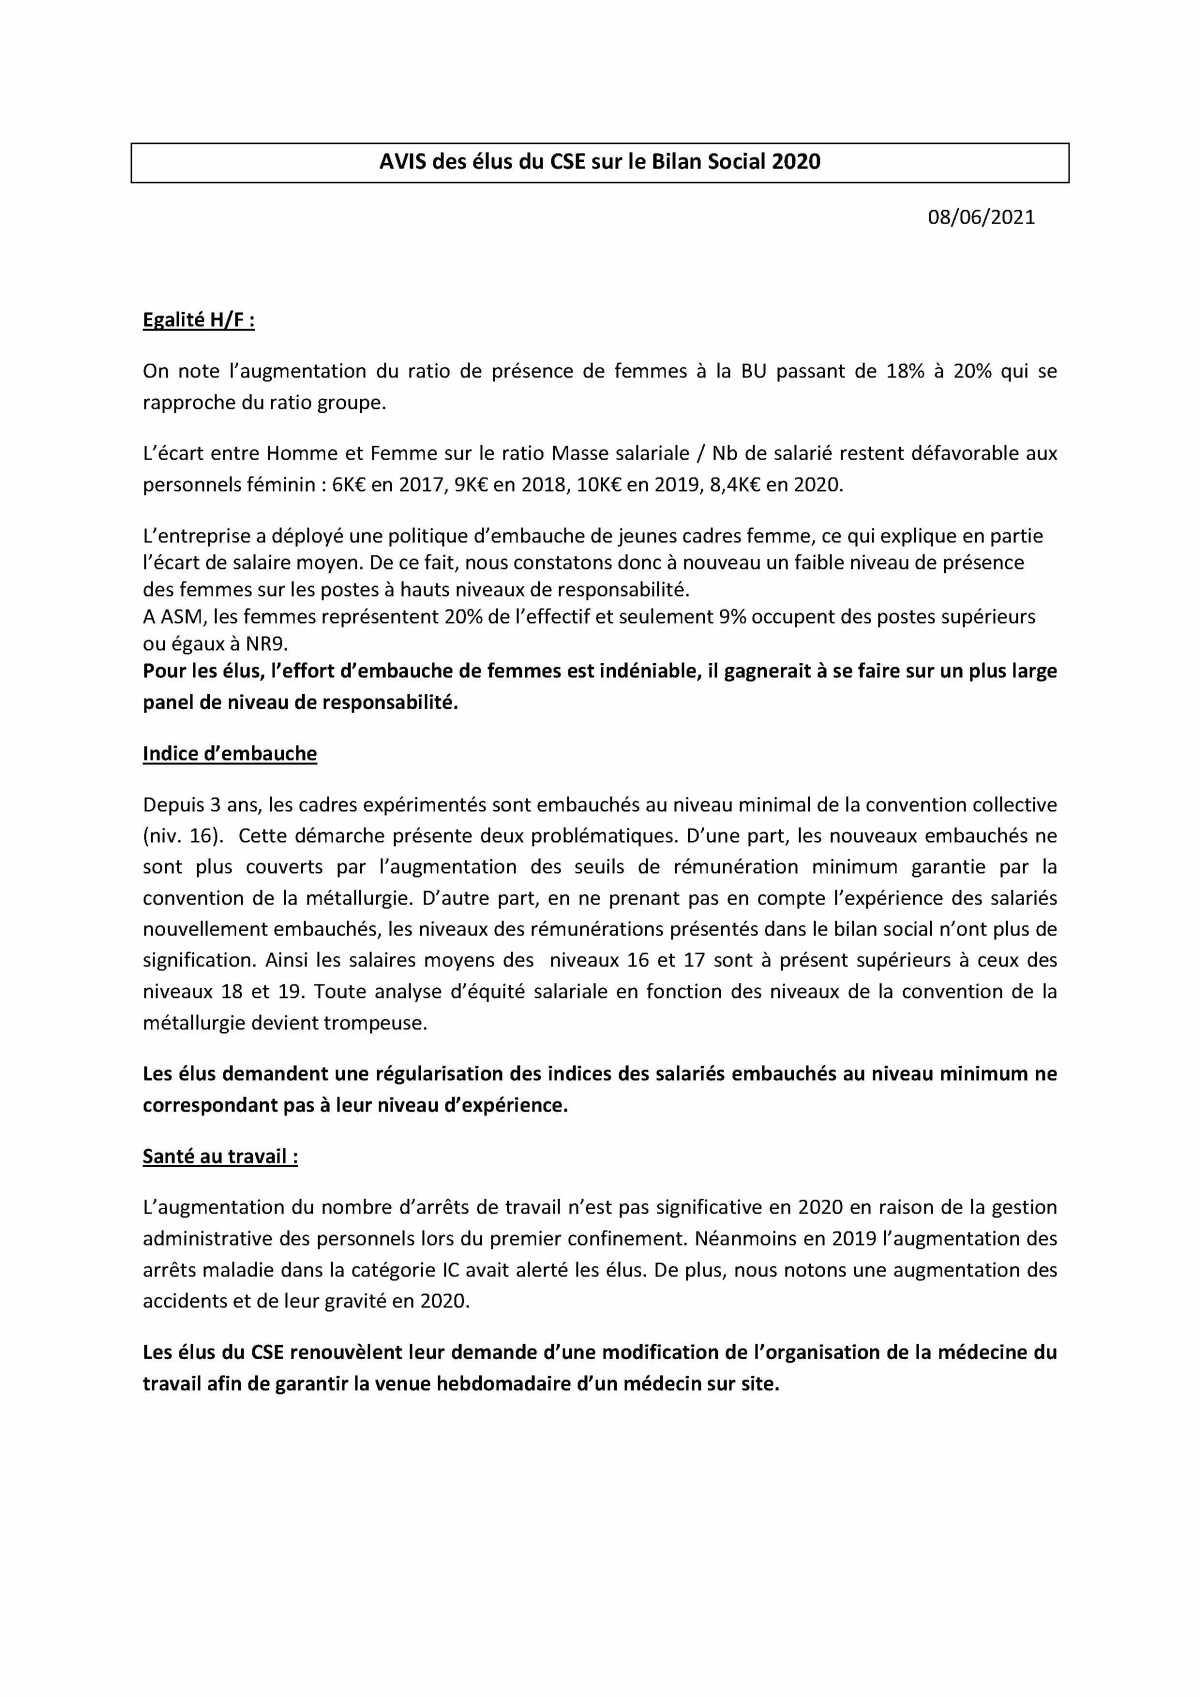 Bilan social : des propositions concrètes au travers de l'avis intersyndical au CSE du 8 juin 2021